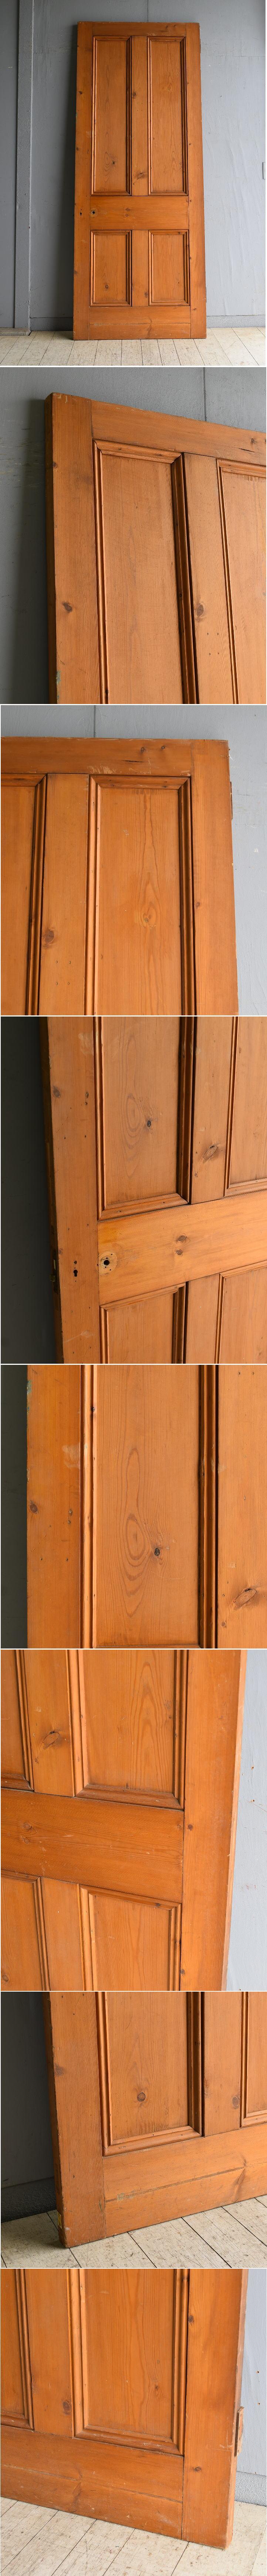 イギリス アンティーク オールドパイン ドア 扉 8424